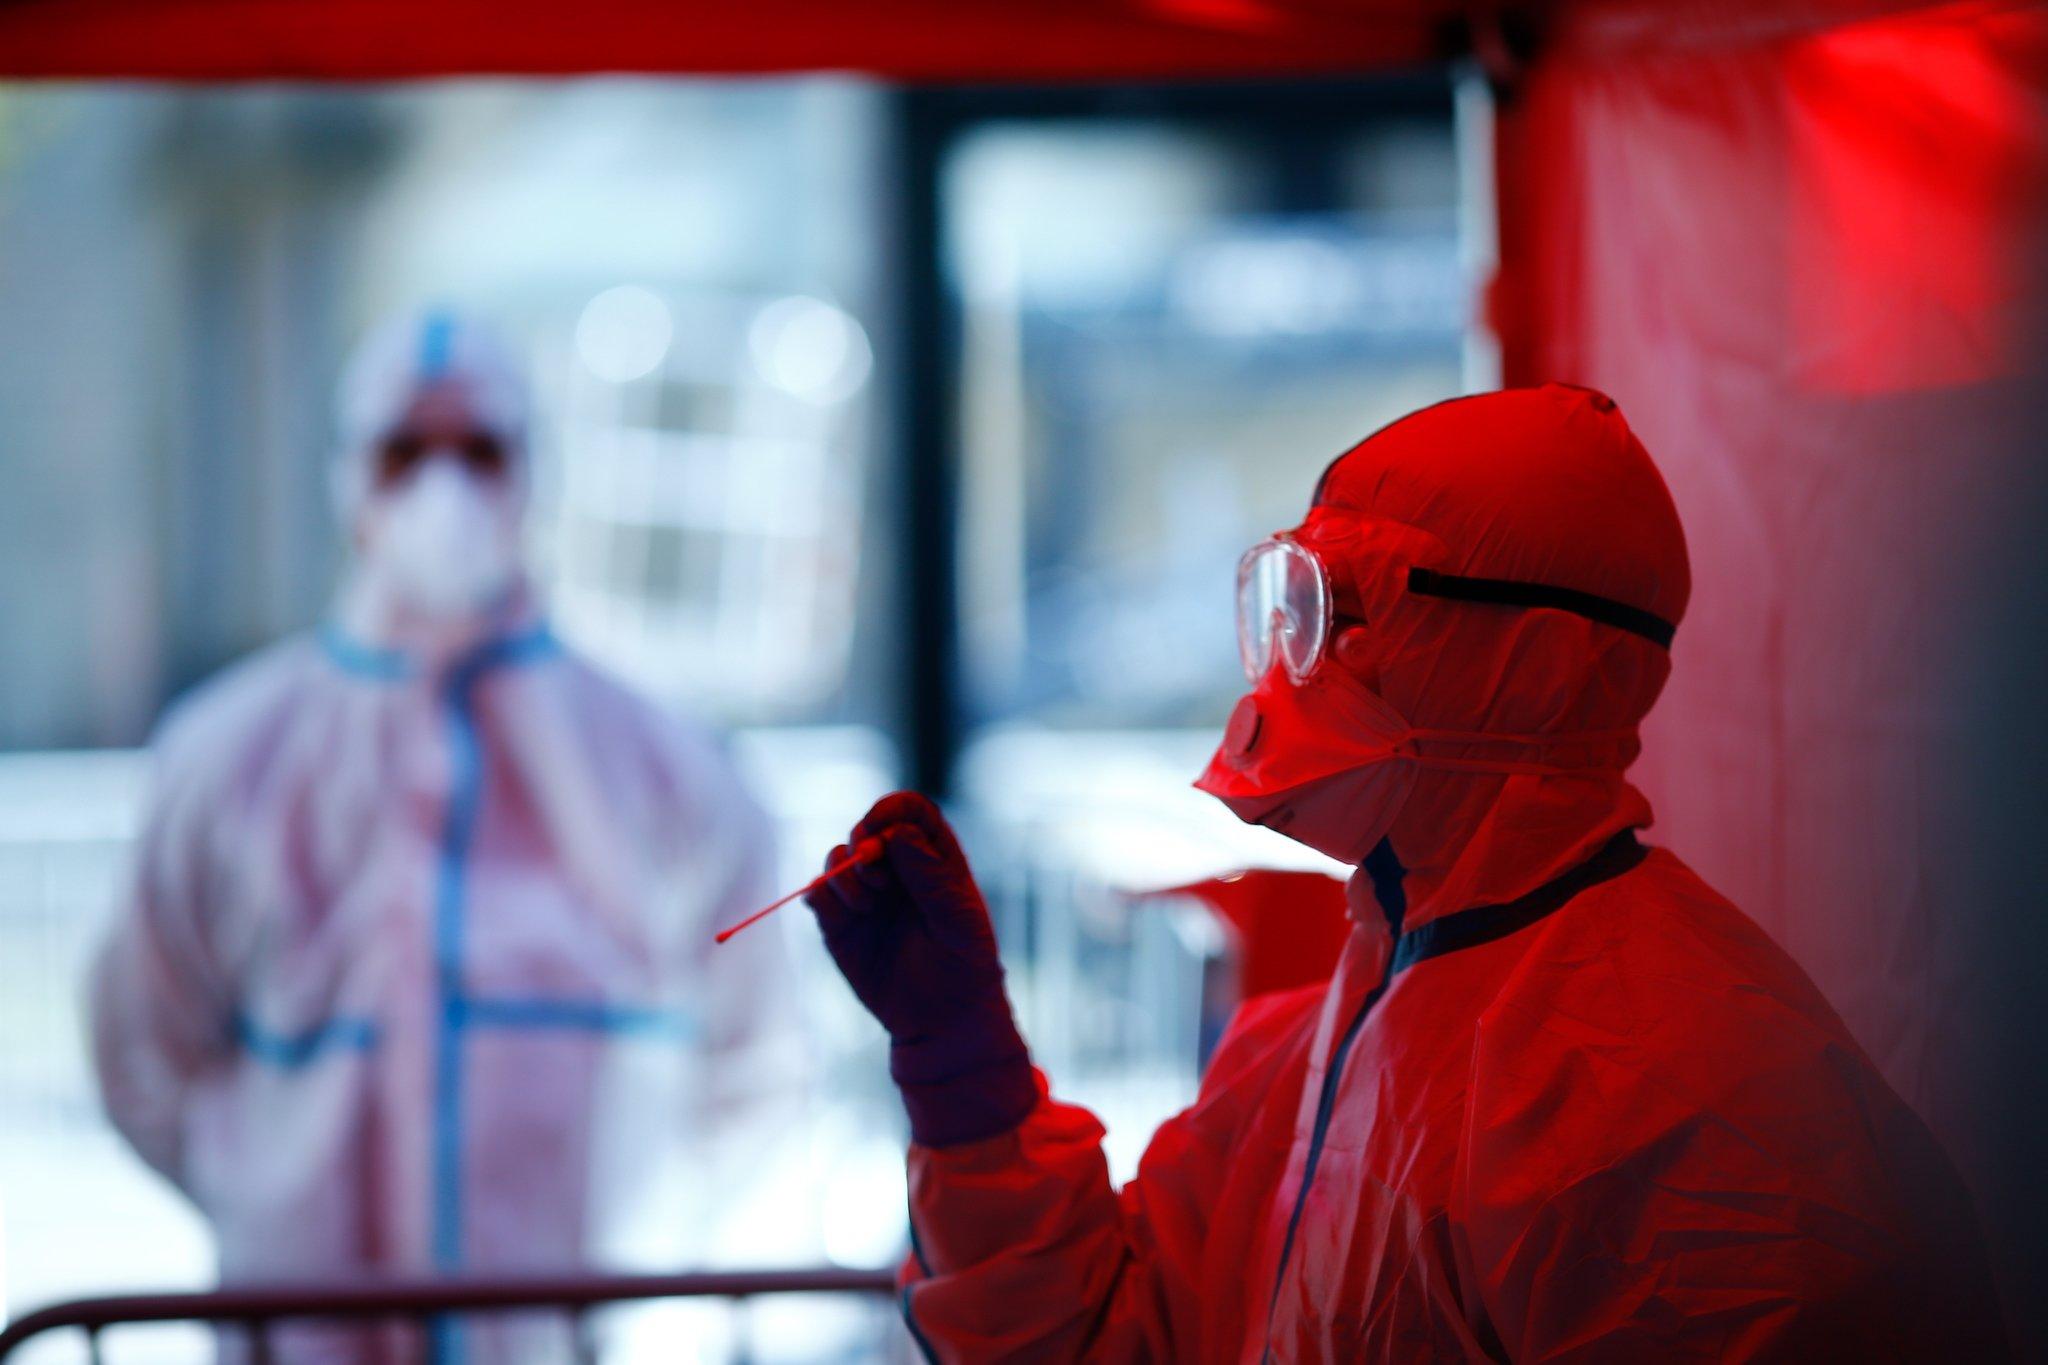 Son dakika haberi: Türk bilim insanı corona virüsü izole etti! Corona virüse karşı aşı ve ilaç üretmek…